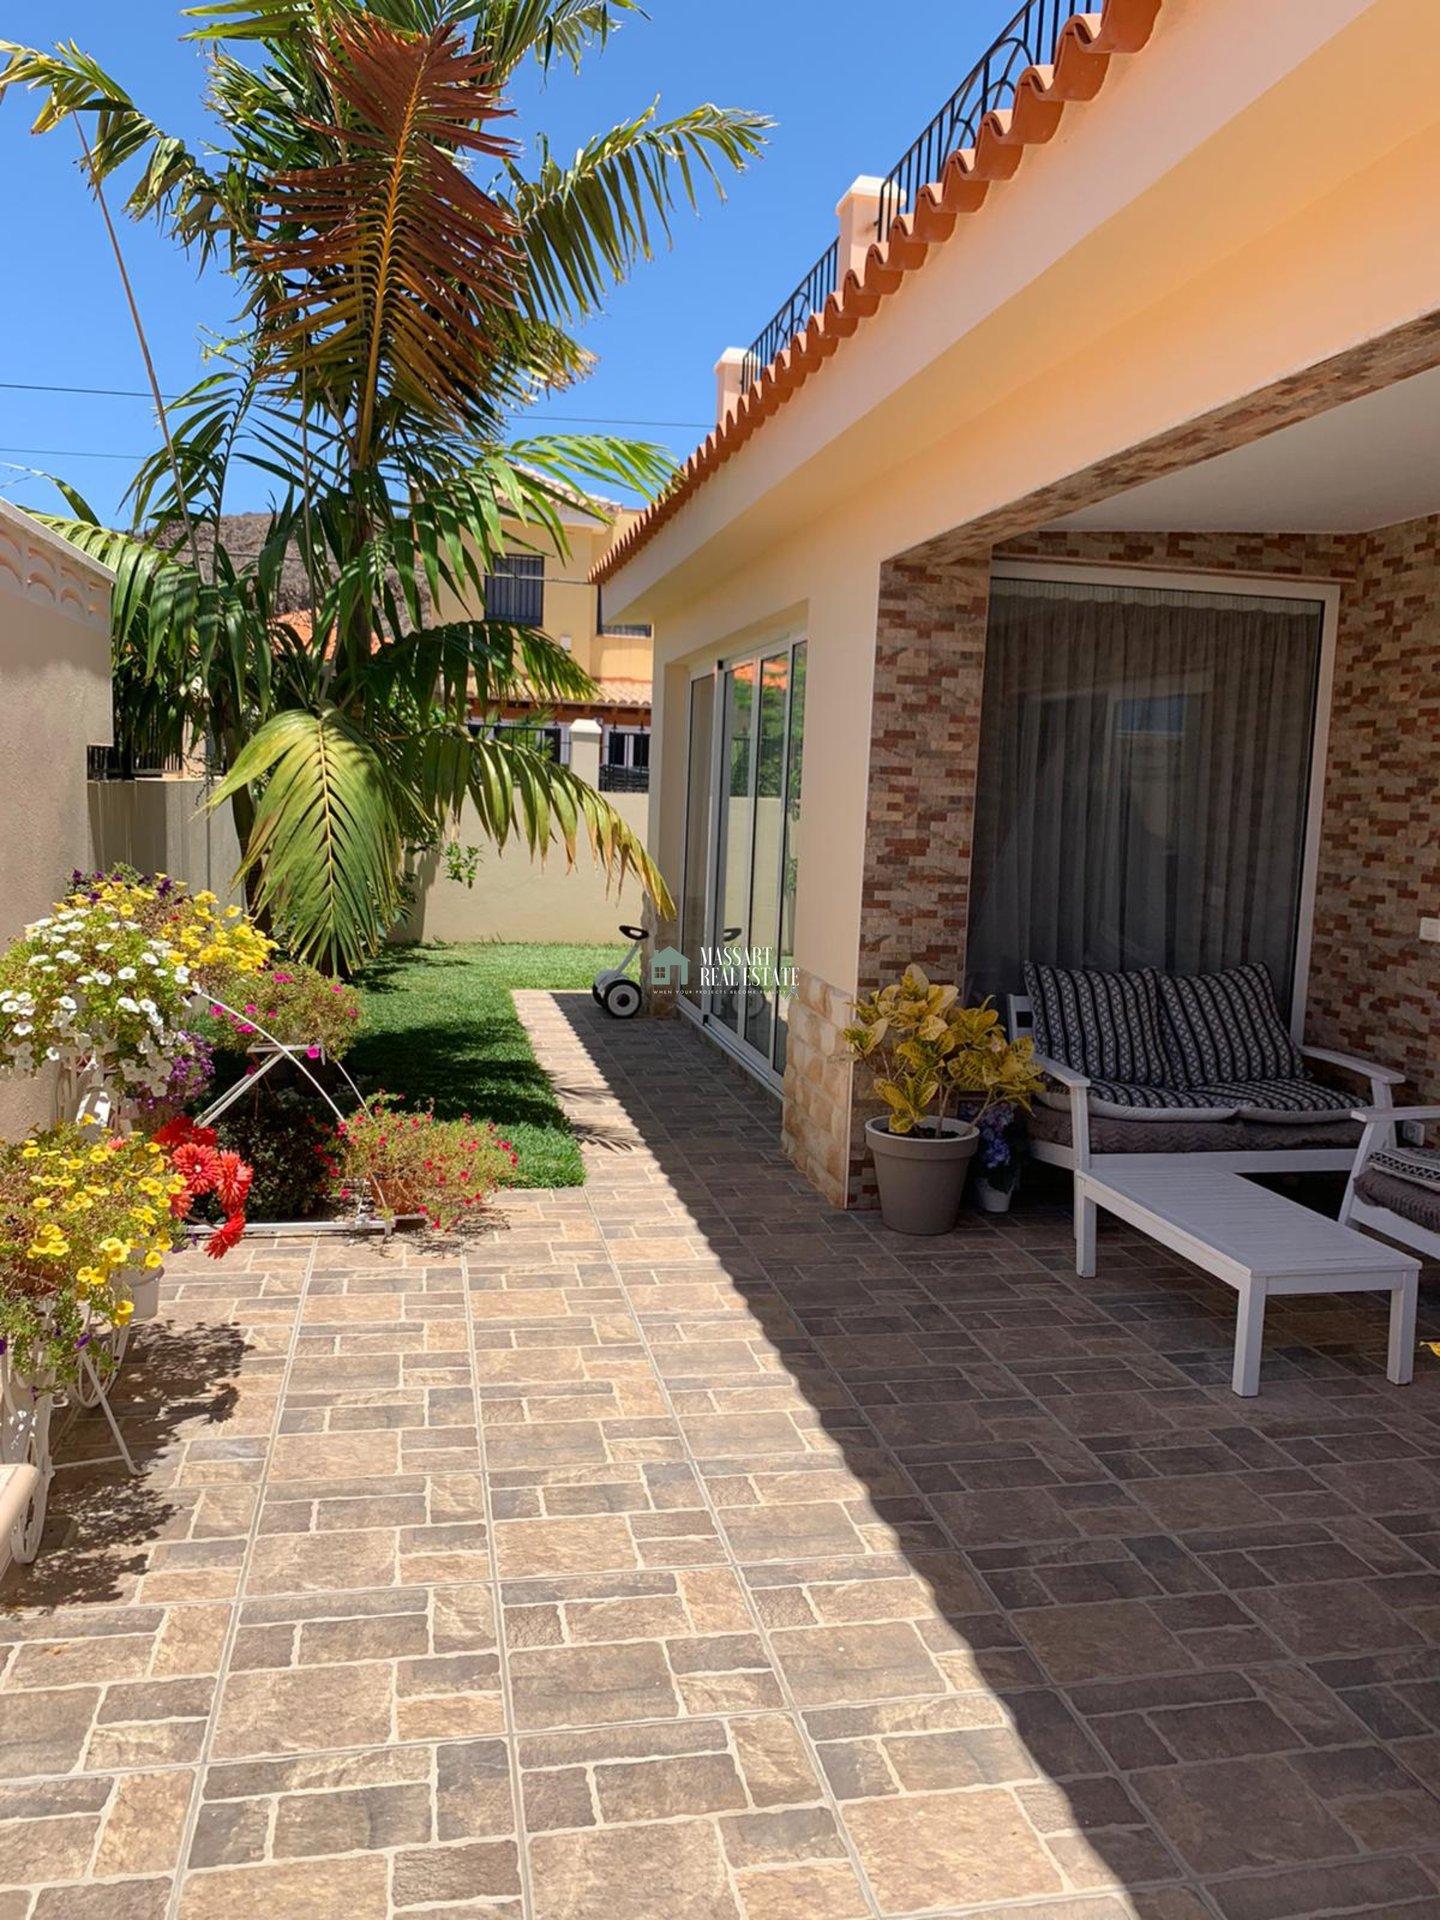 Exclusiva villa de 120 m2 amueblada con estilo moderno en una zona de absoluta tranquilidad, Palm-Mar (Arona).